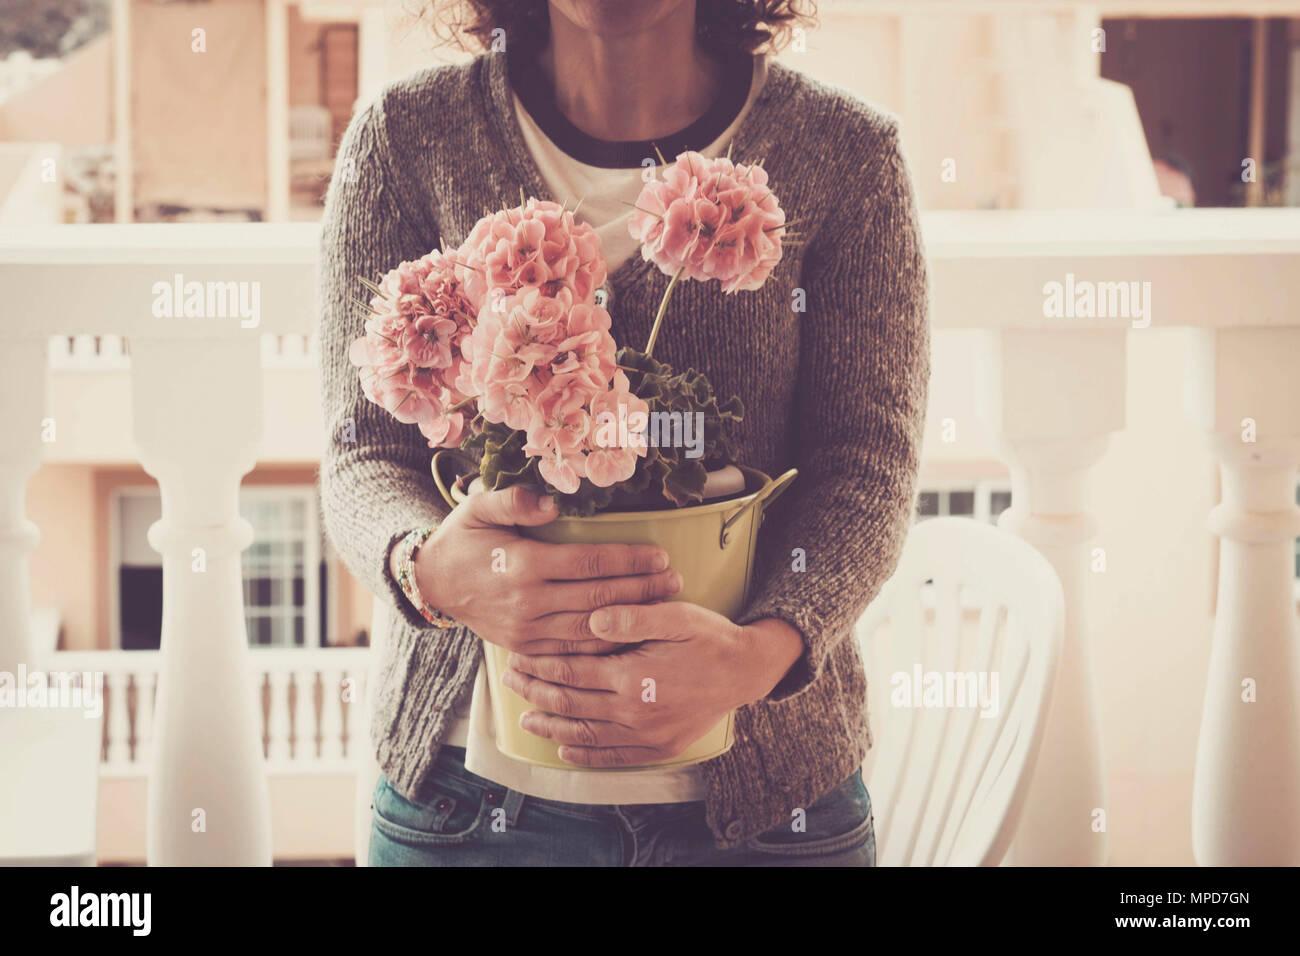 Caucasian woman moyen age avec grand vase de fleurs en plein air la terrasse de soleil. concept de vie romantique bohemien hippie Photo Stock